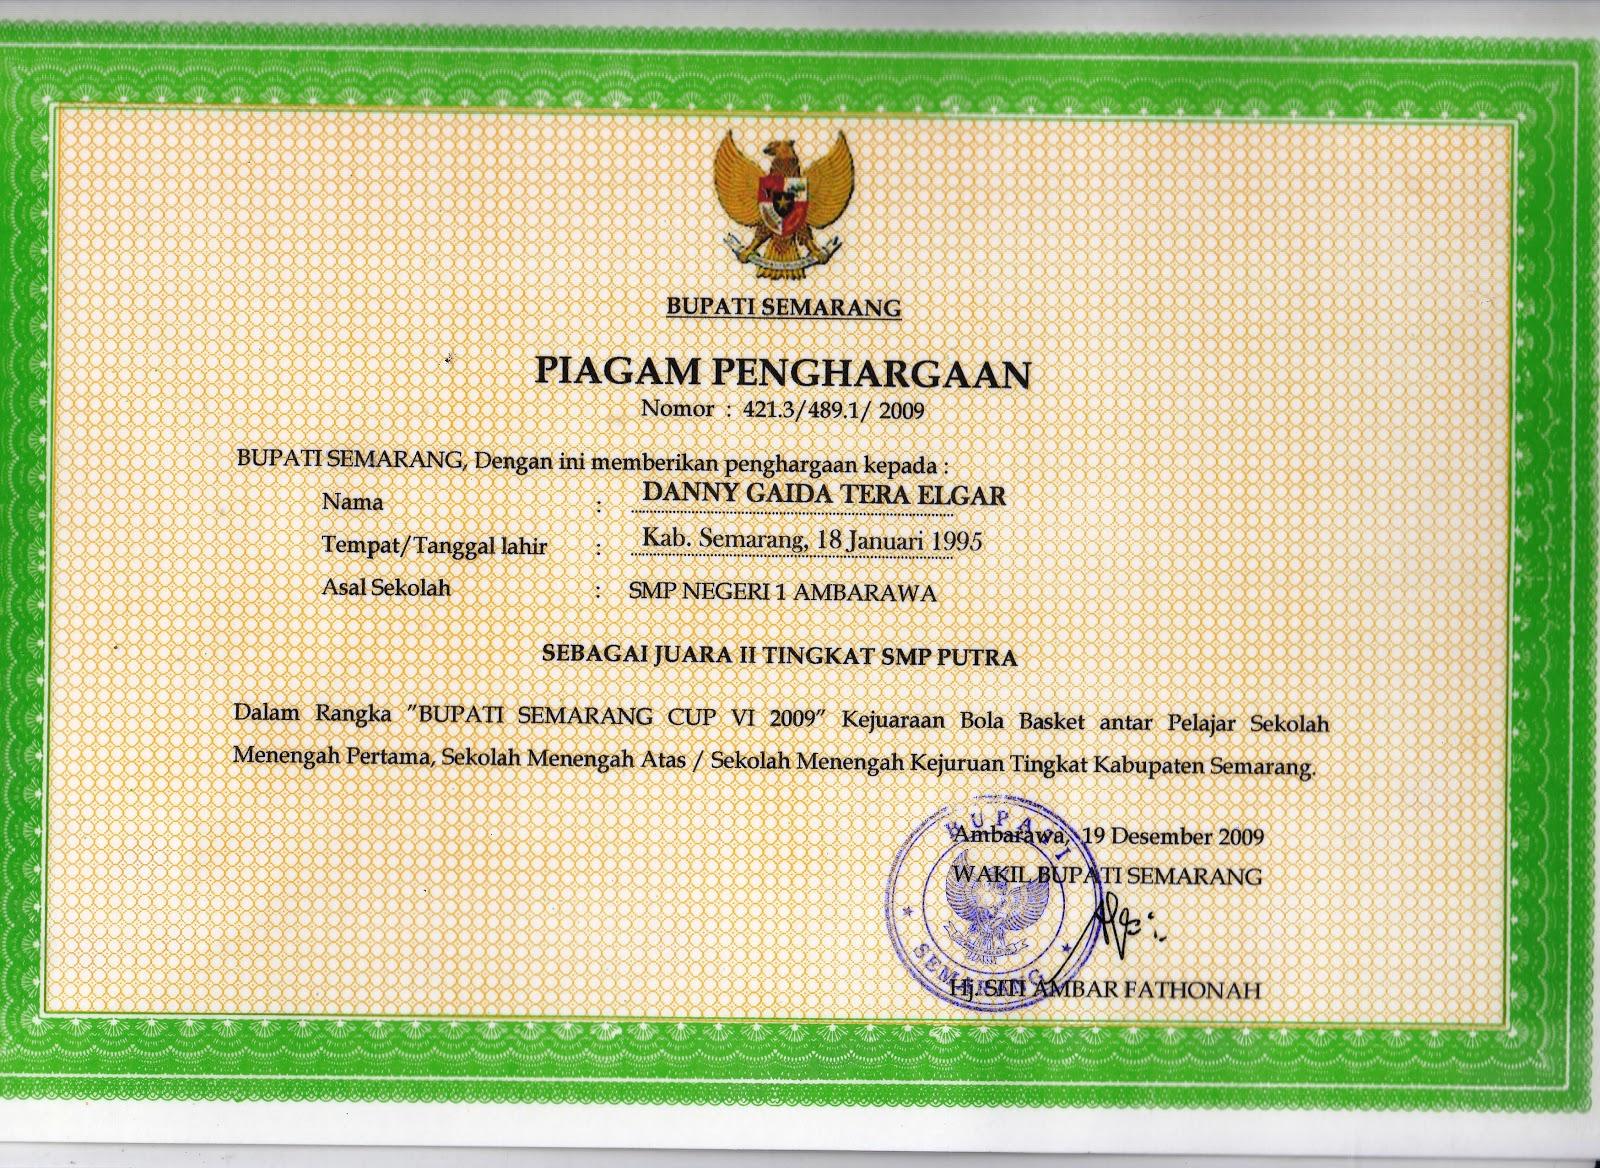 Piagam Penghargaan Kejuaraan Bola Basket Tingkat Kabupaten Semarang (Desember 2009)